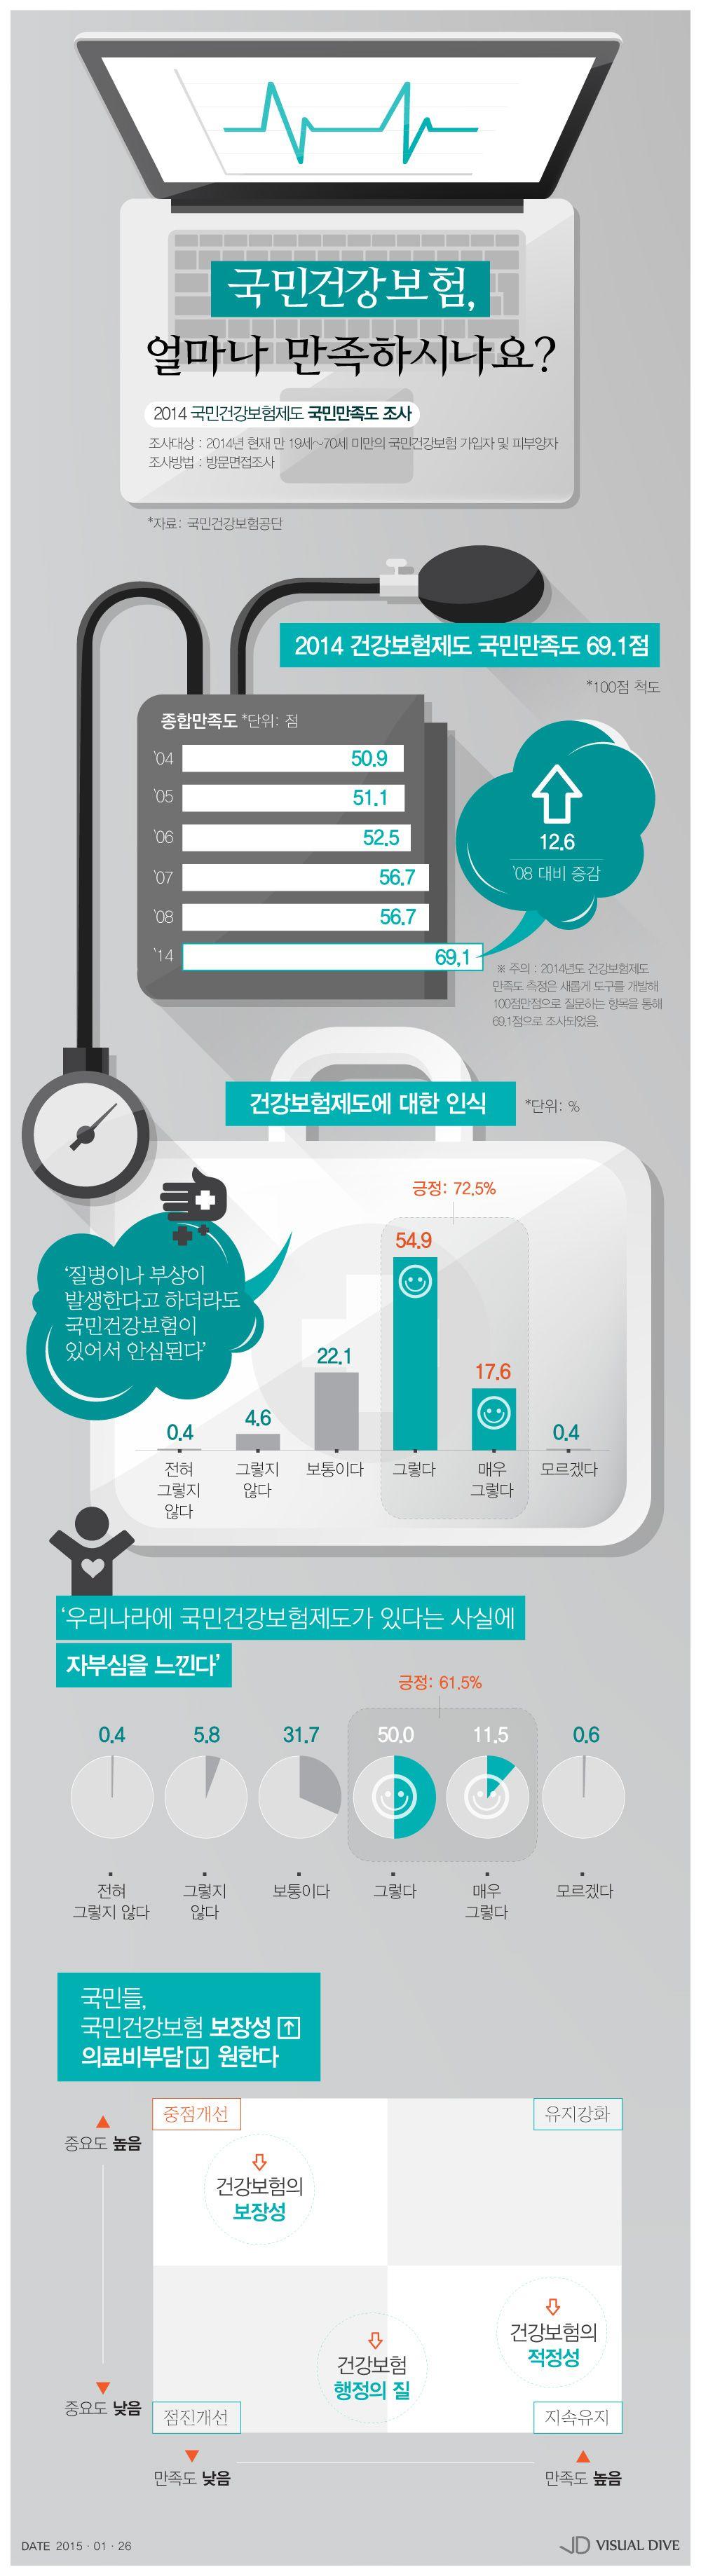 Infographic에 있는 핀